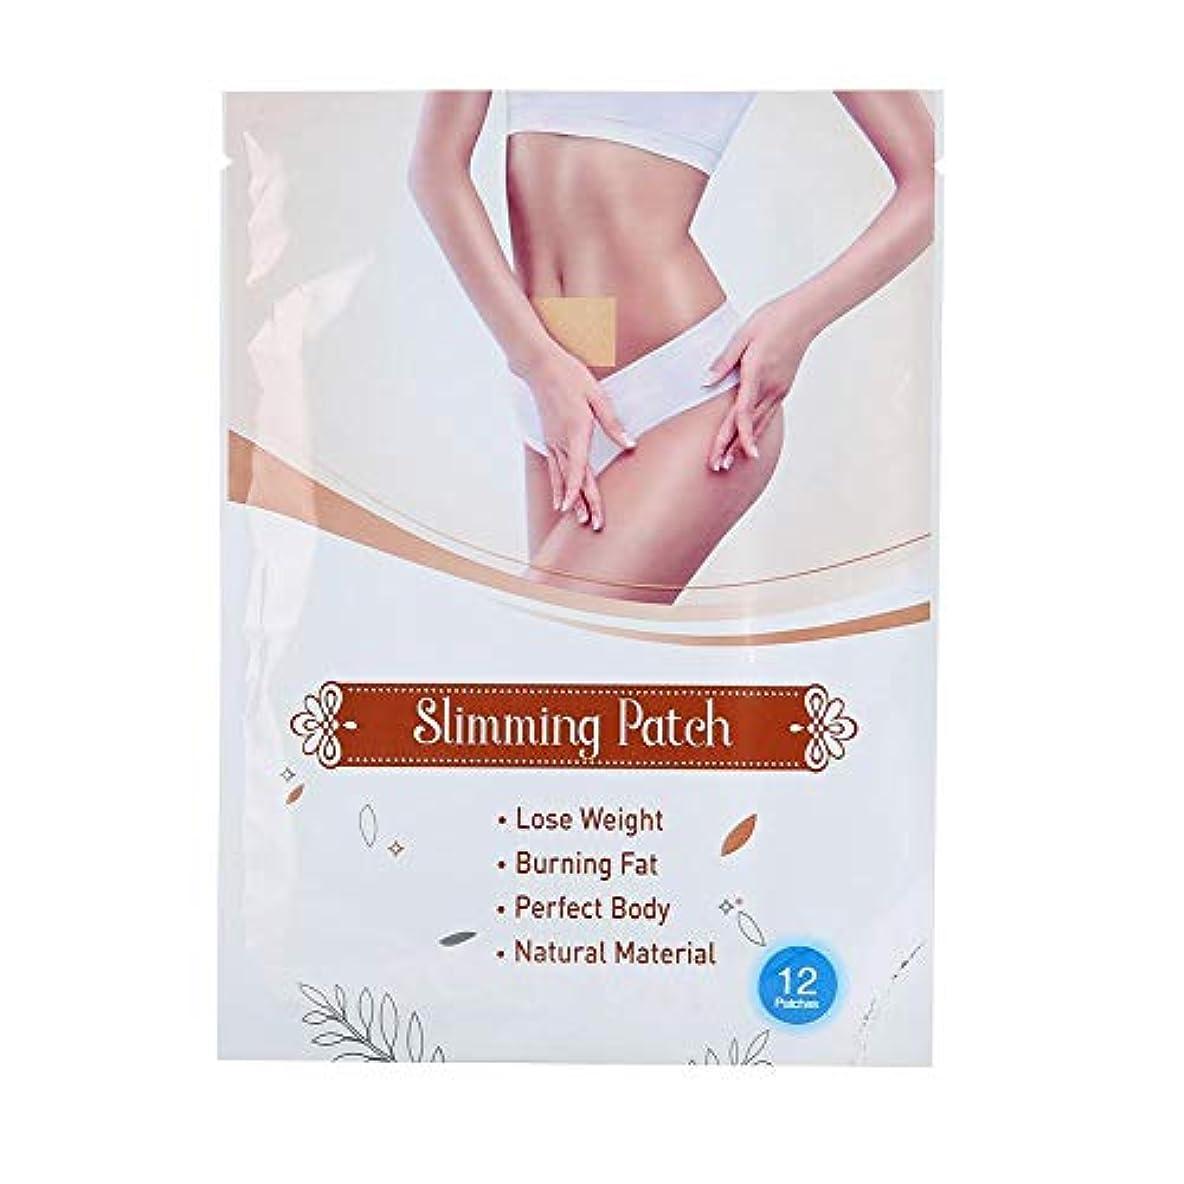 来て電報経済12痩身パッチ - 燃焼脂肪、減量ステッカー - 痩身脂肪燃焼、女性用